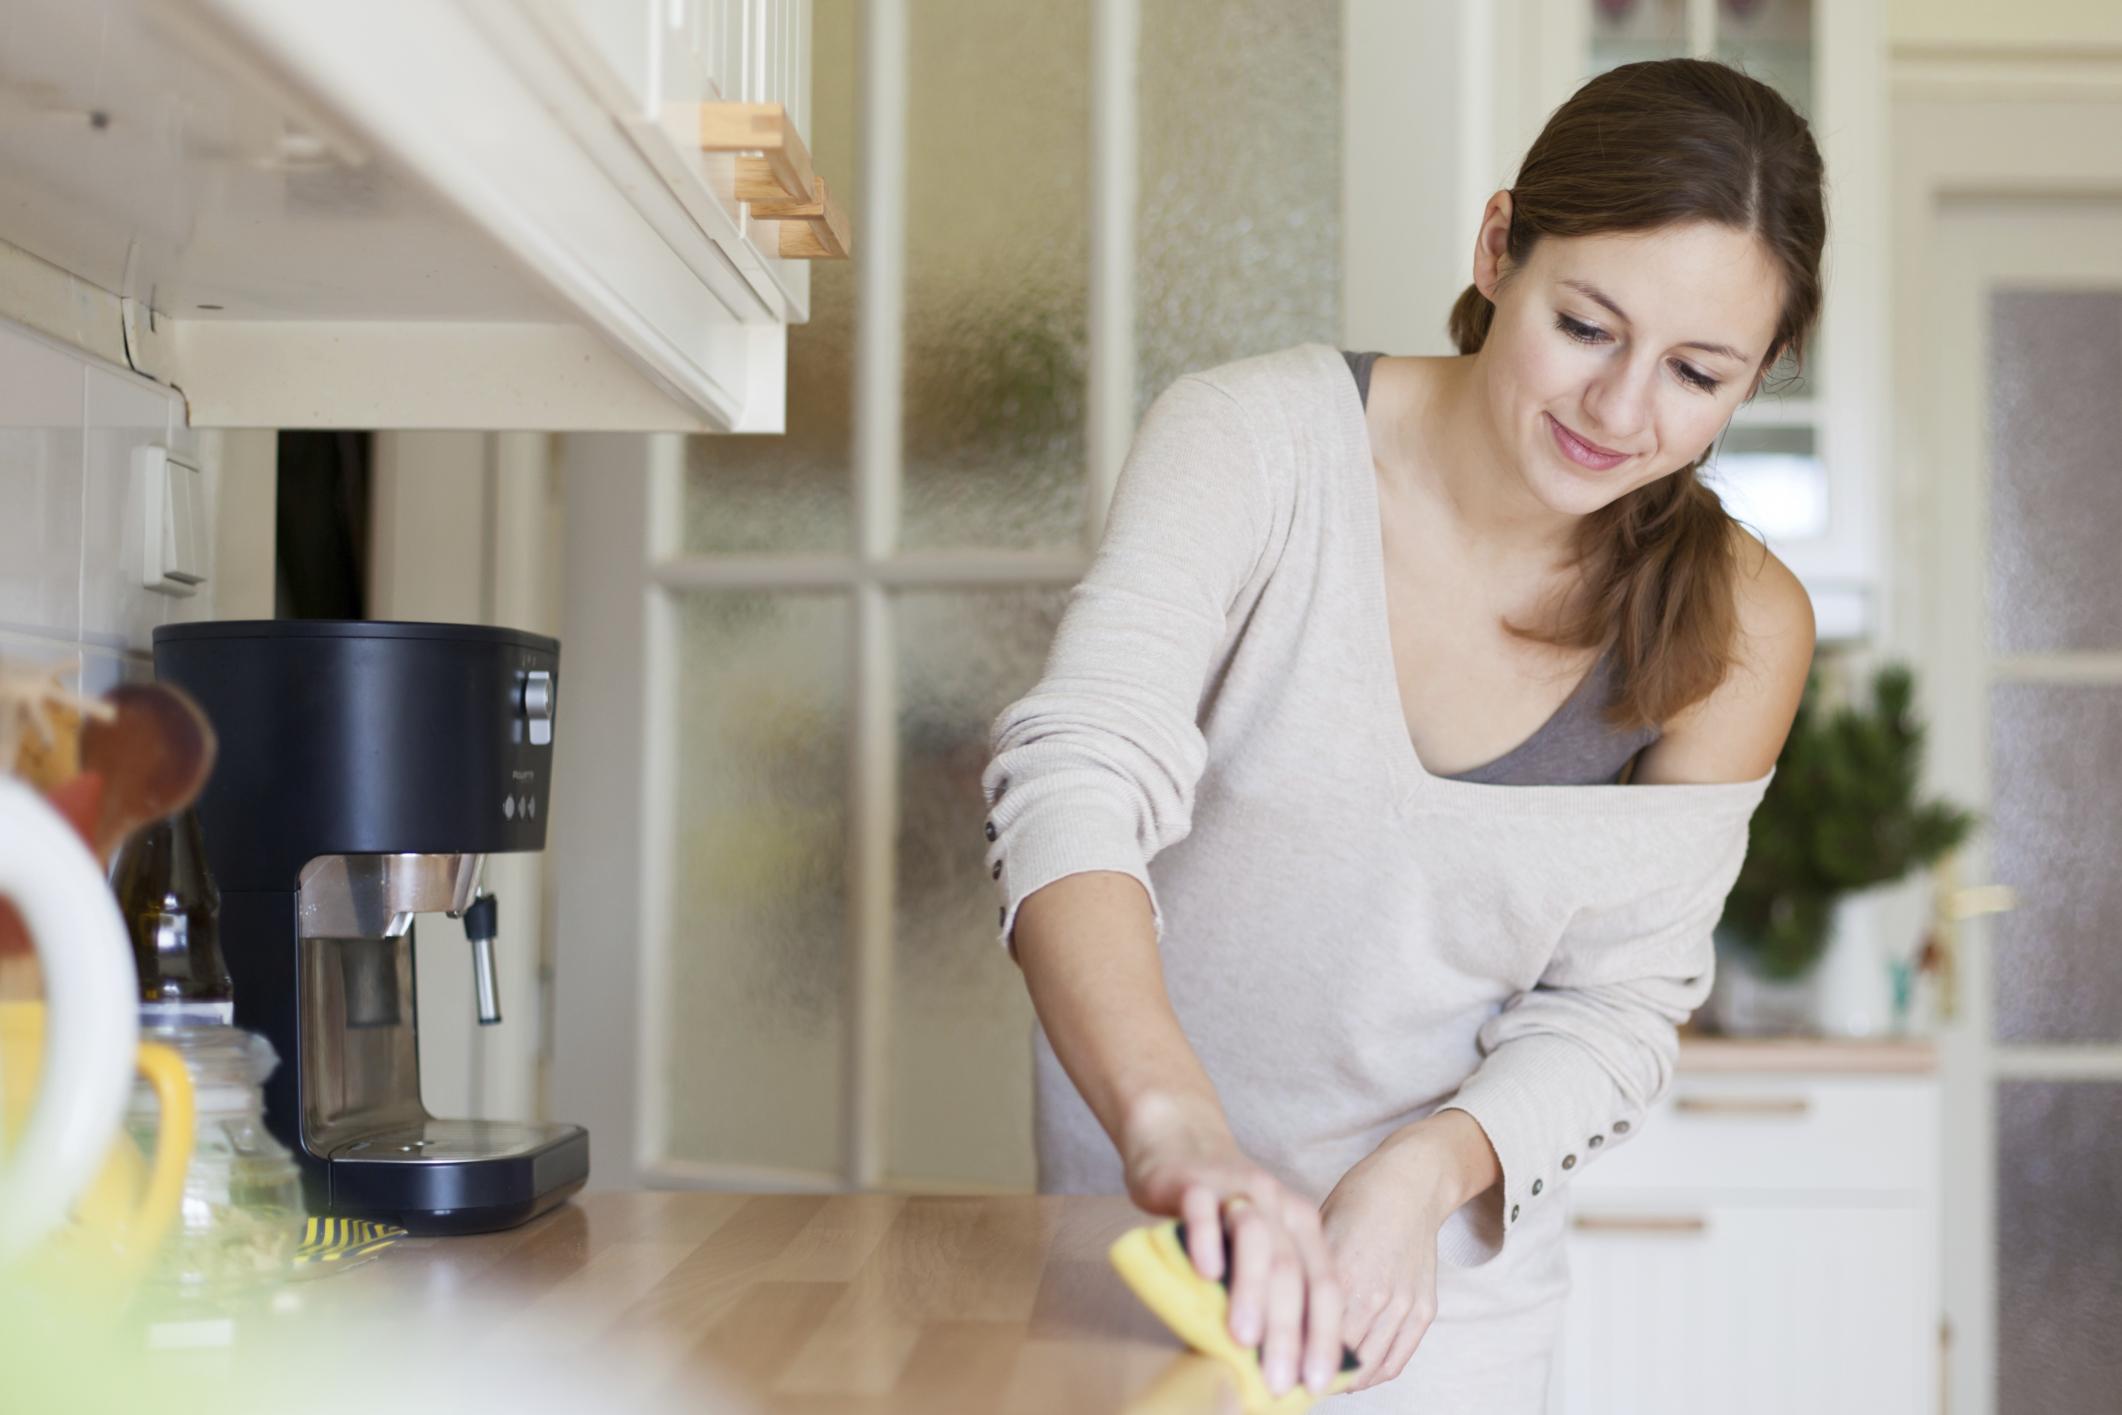 Не отлагай почистването.<br /> Изкушаваме се да оставим мръсните чинии в мивката, докато изчакваме да дойде музата, за да ги измием, но за да съхраниш нервите си след това, е по-добре да приключиш с почистването им навреме. Така кухнята ти няма да изглежда като местопрестъпление, а и хапването е по-сладко, когато знаеш, че не те очакват насъбрали се чинии.